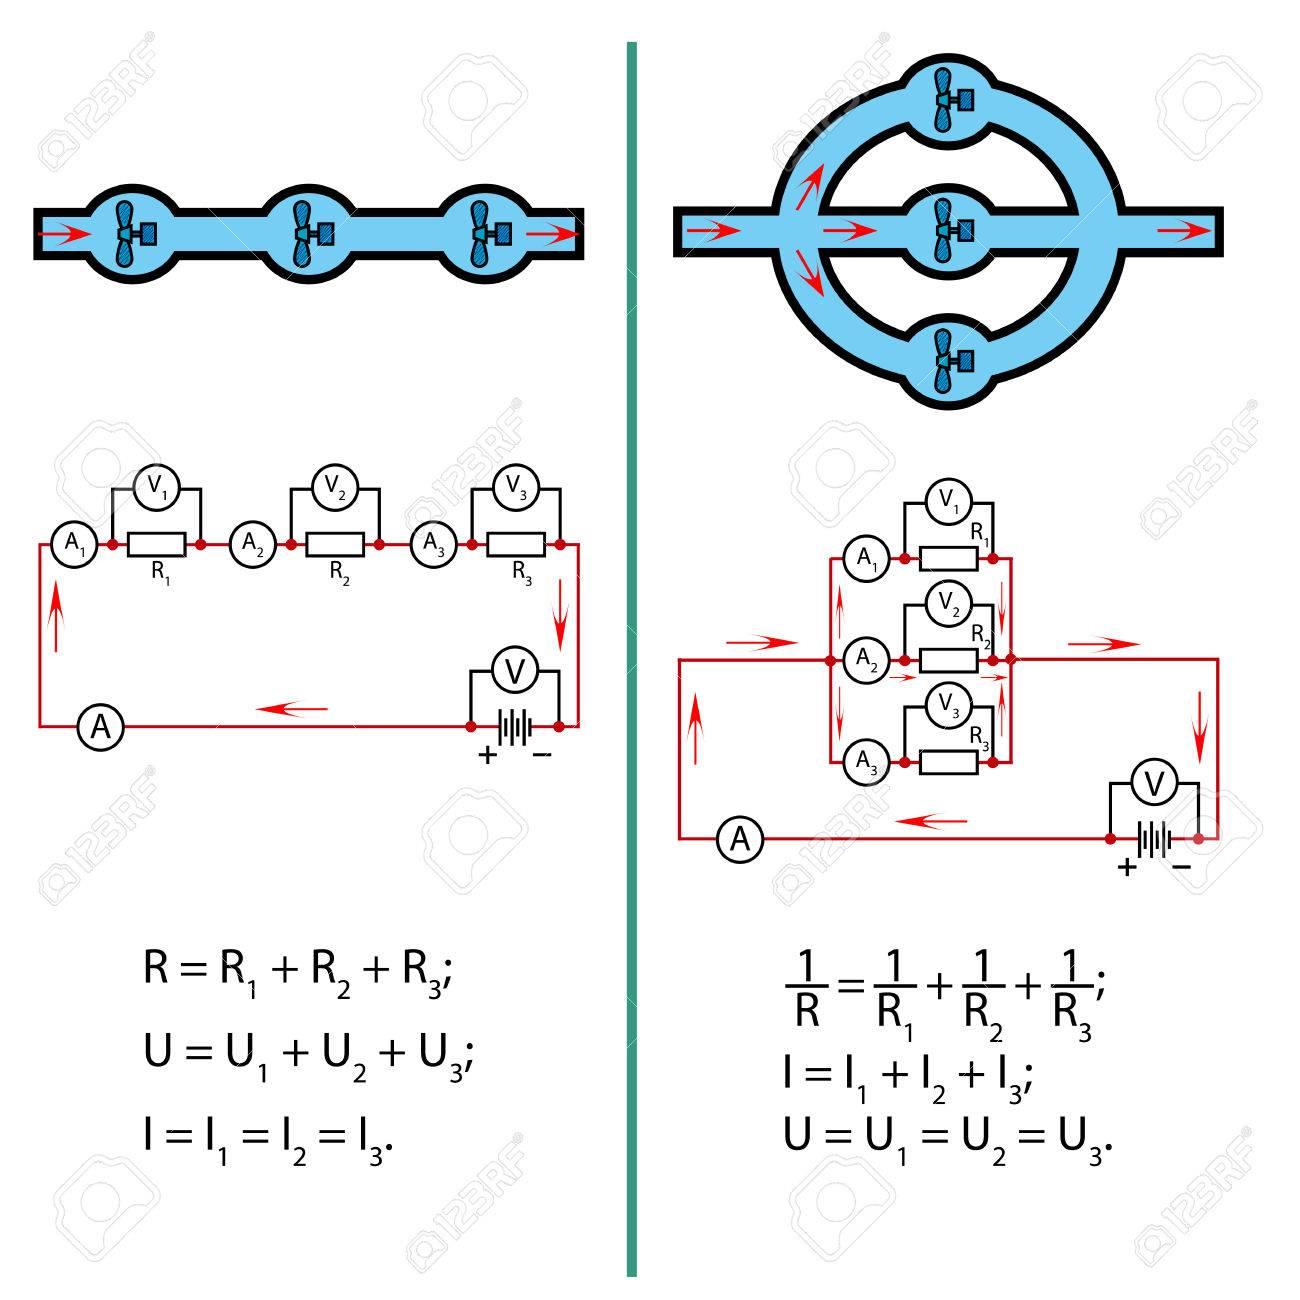 Circuito Seri E Paralelo : Ilustración de la corriente eléctrica en los circuitos en serie y